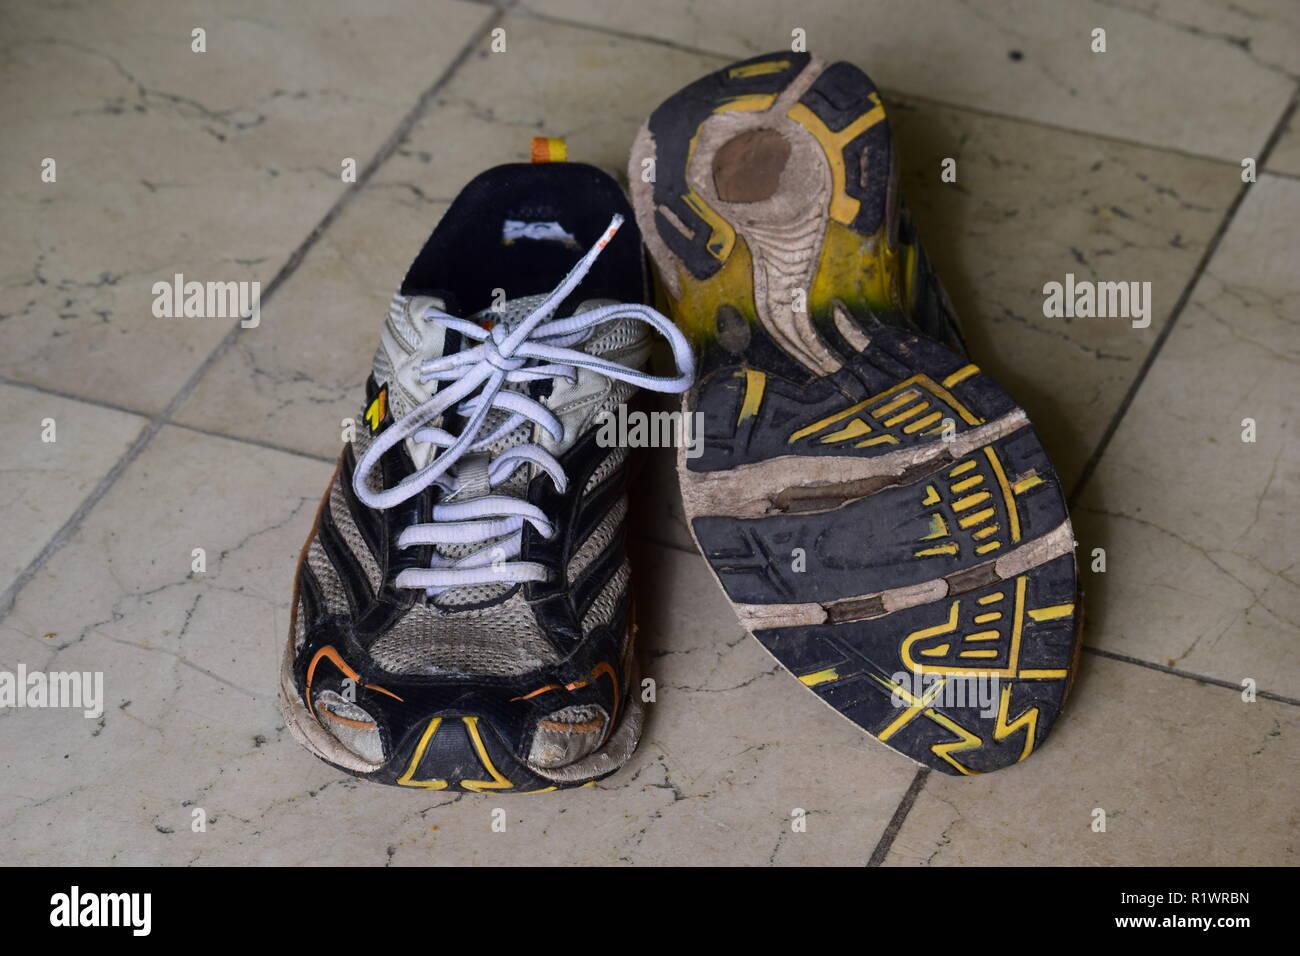 Pair of old Run and walking shoes worn out and with holes under the sole. Paar alte Lauf- und Wanderschuhe abgenutzt und mit Löchern unter der Sohle - Stock Image